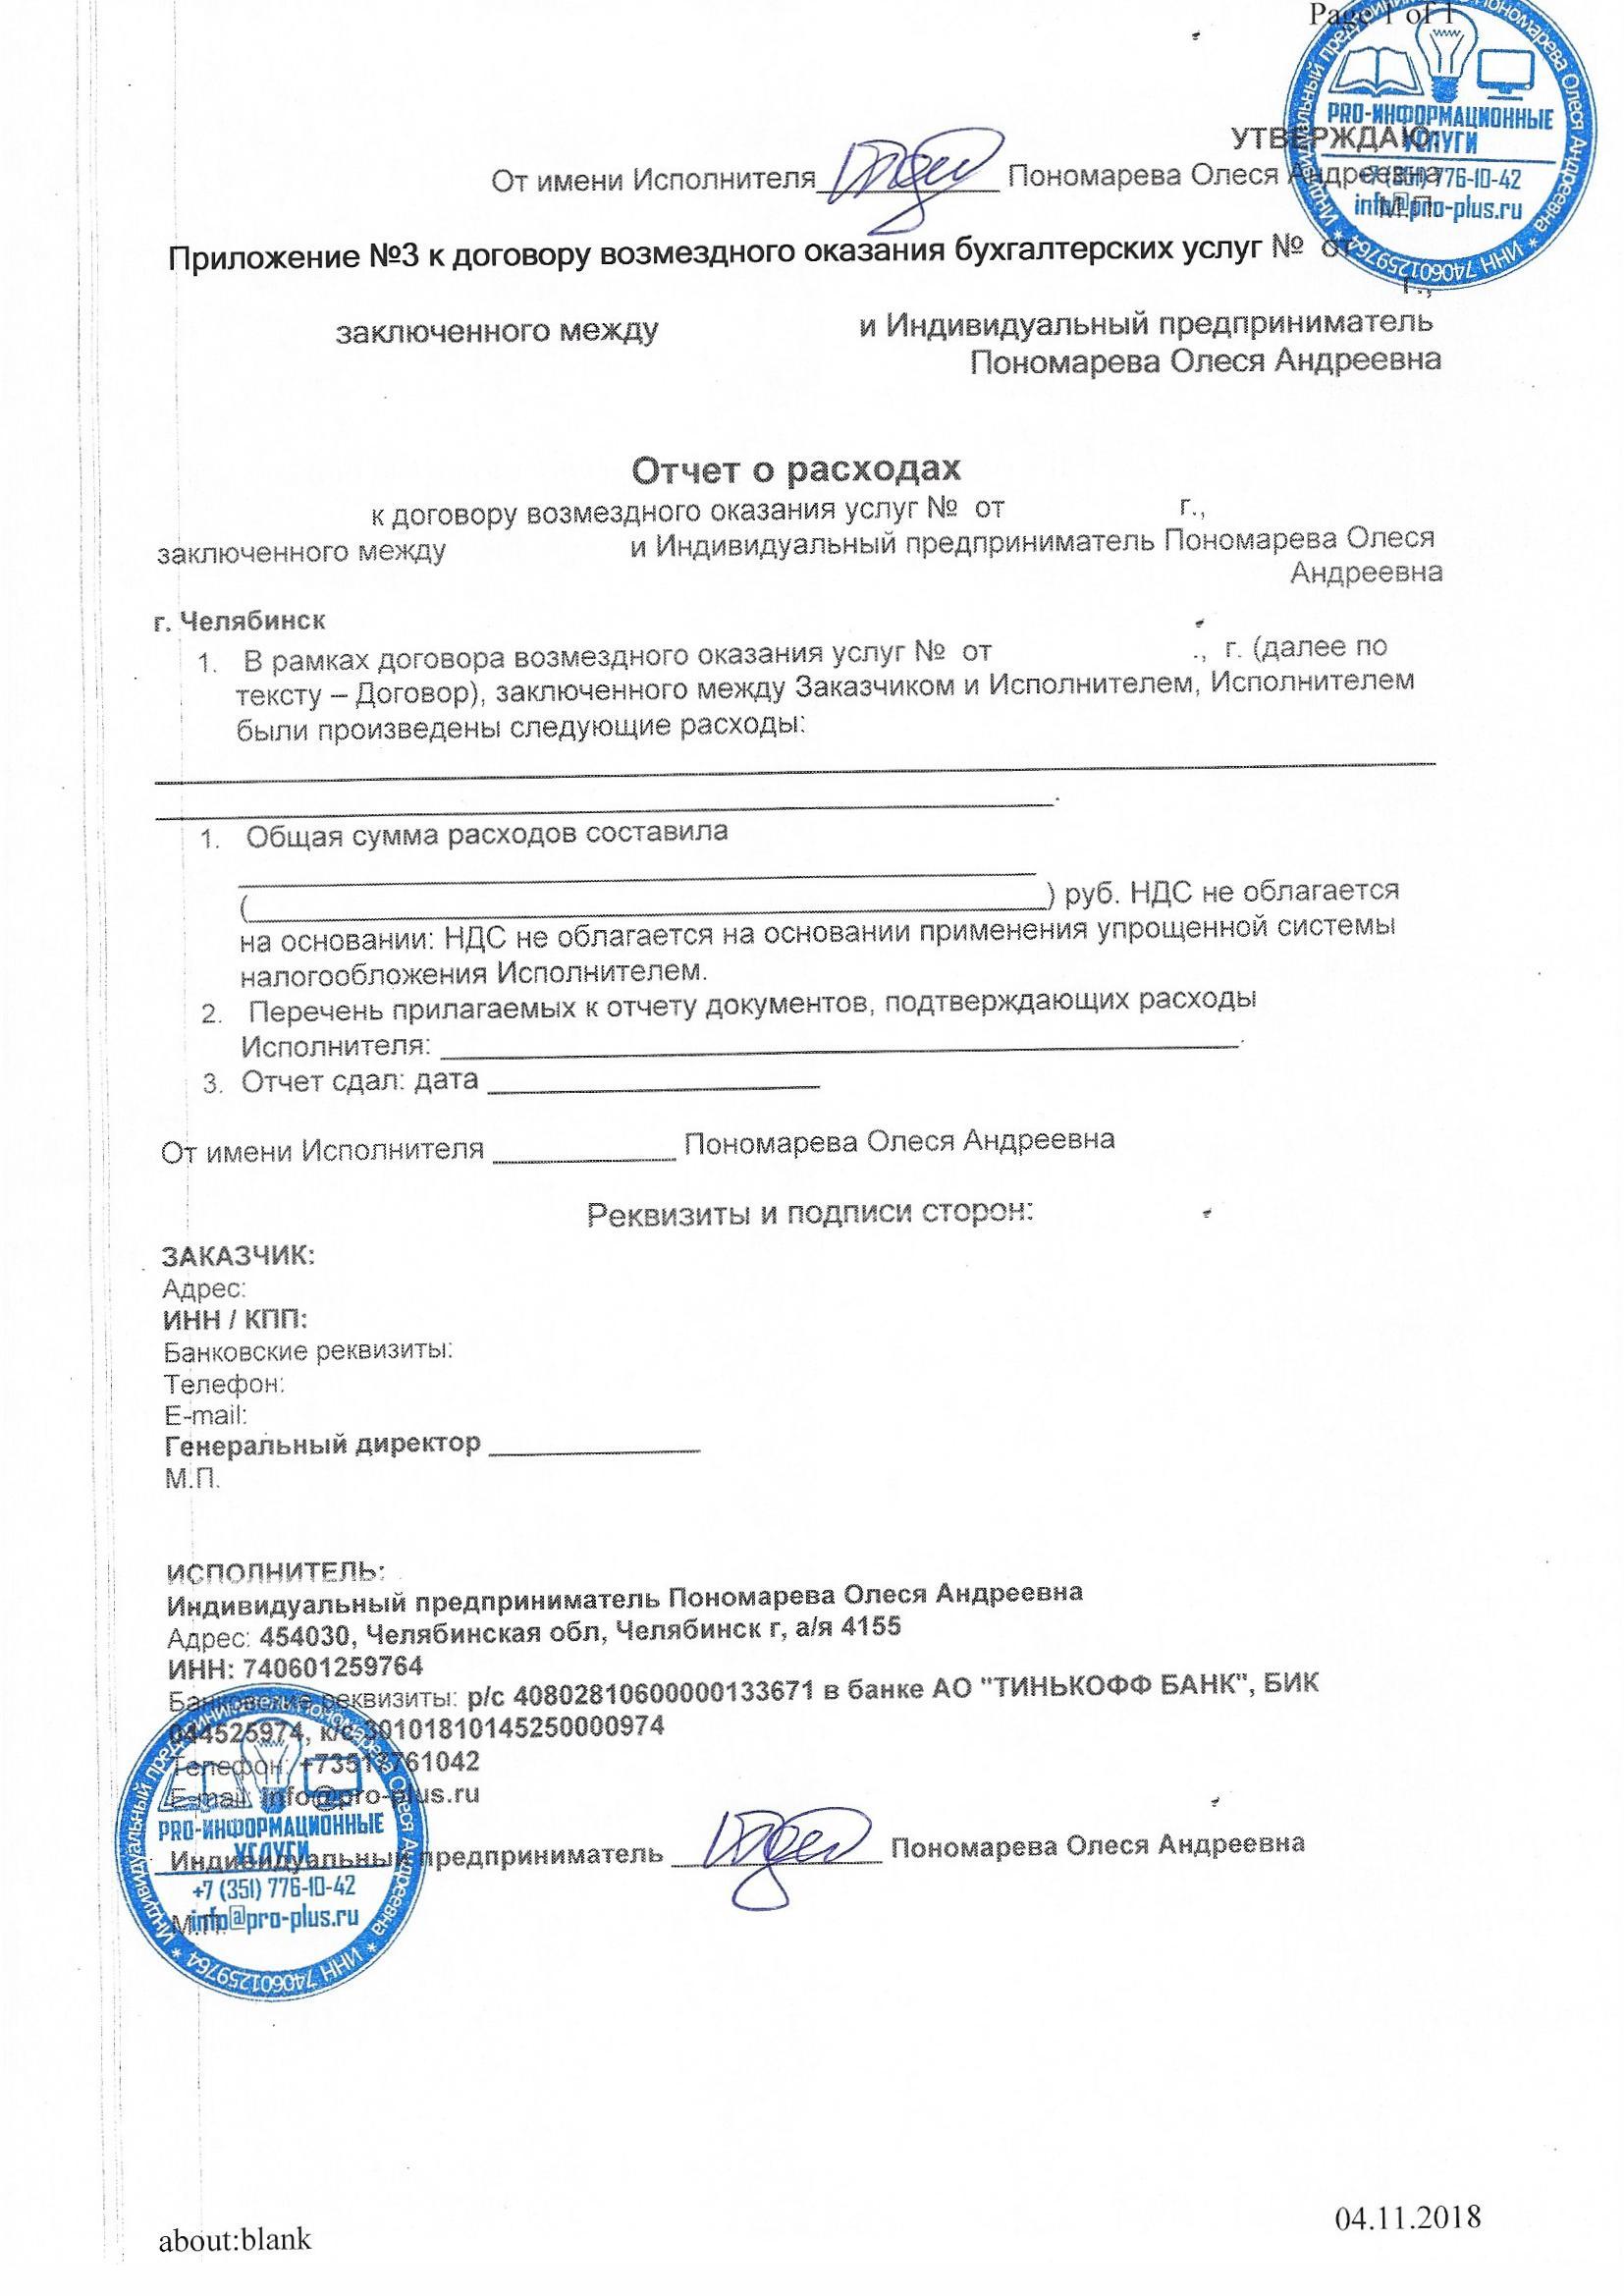 Договор на бухгалтерское обслуживание к как заполнить декларация 3 ндфл чтобы вернуть налог